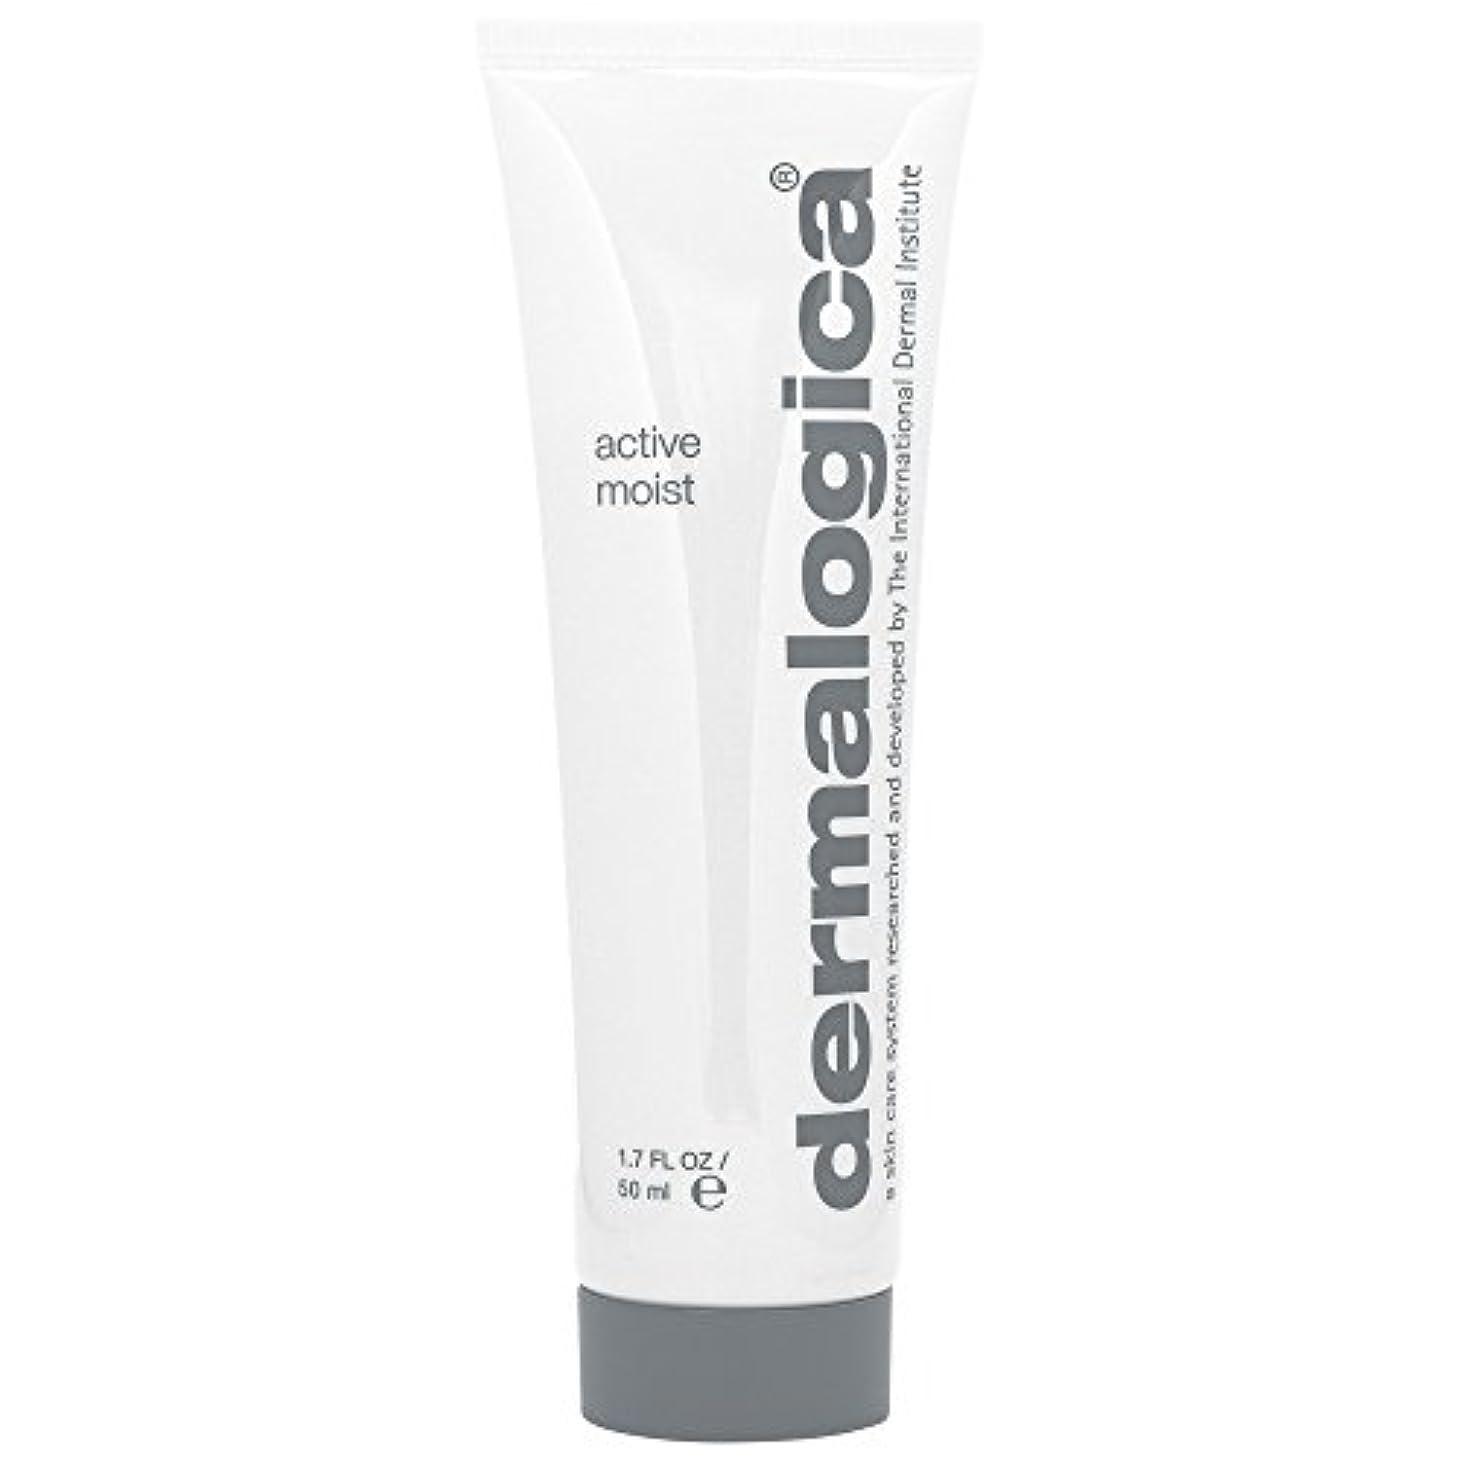 初期の好色な埋めるダーマロジカアクティブ湿った顔の保湿剤の50ミリリットル (Dermalogica) - Dermalogica Active Moist Facial Moisturiser 50ml [並行輸入品]